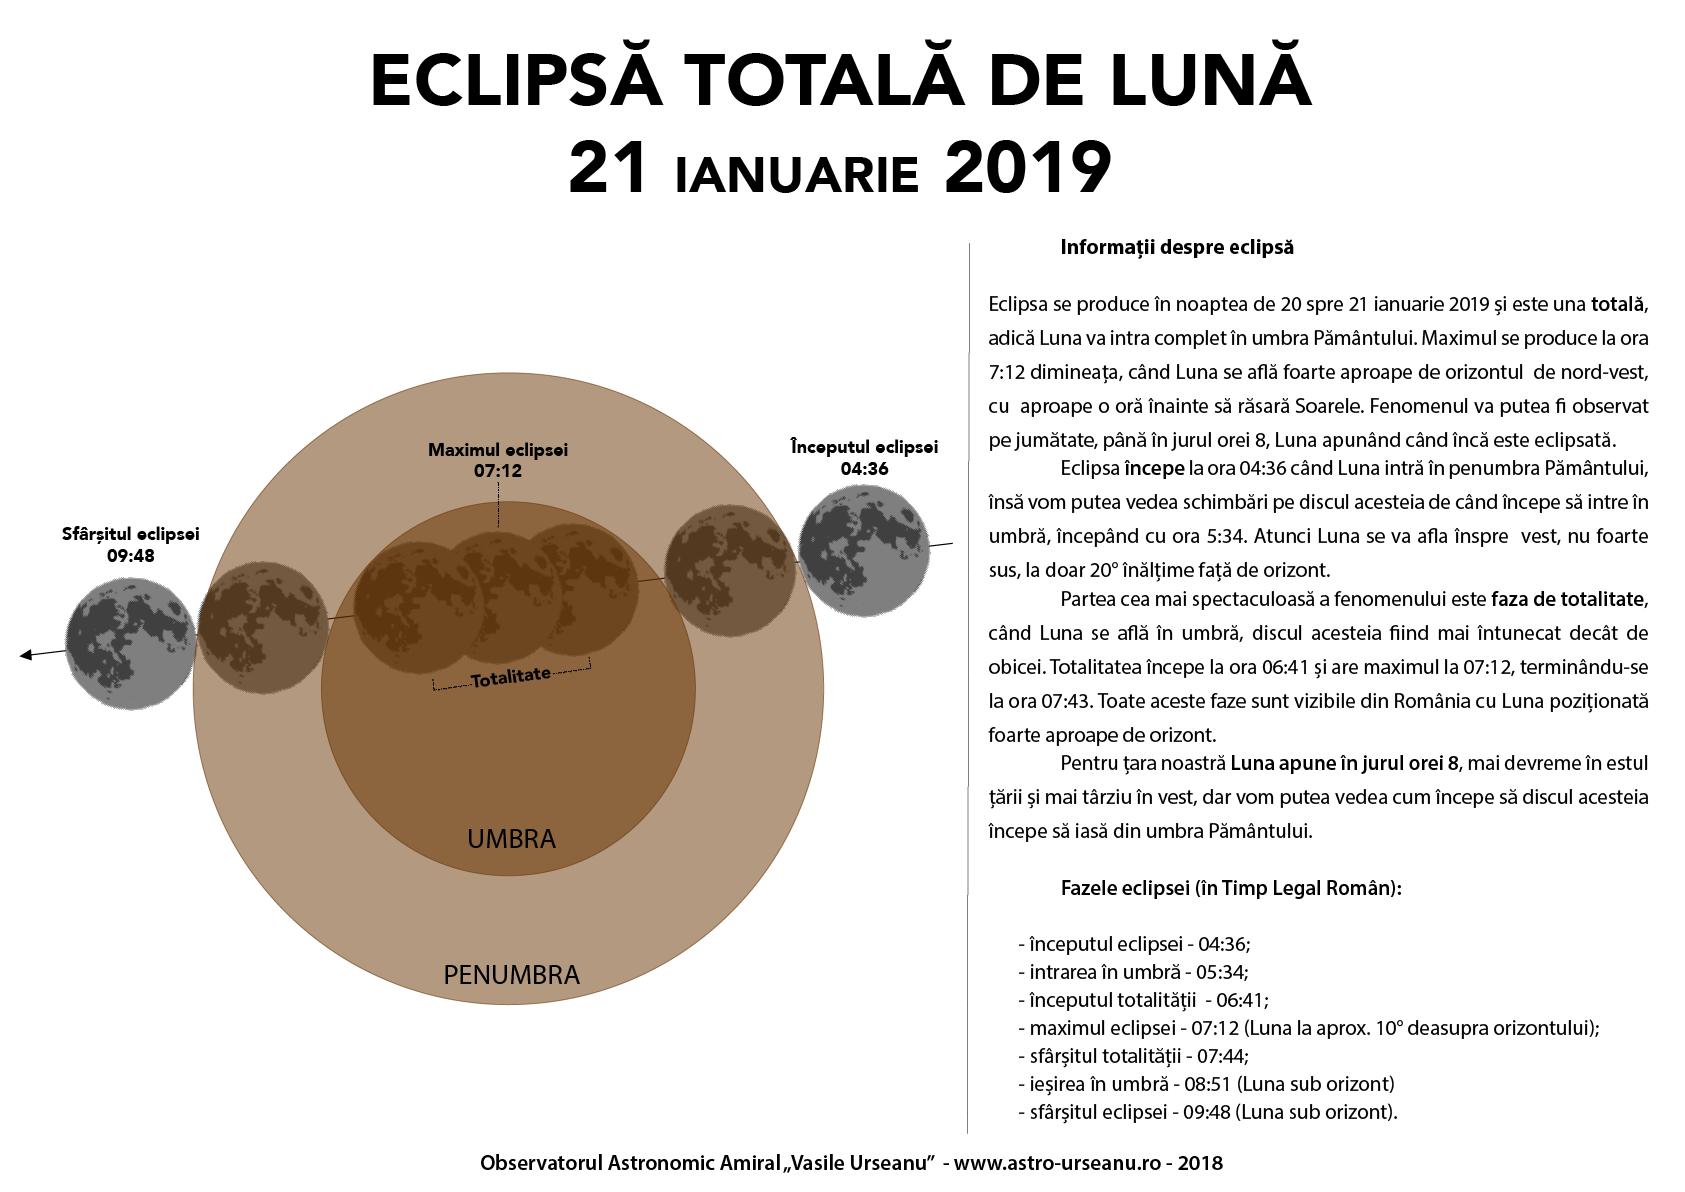 eclipsa totală de lună 21 ianuarie 2019